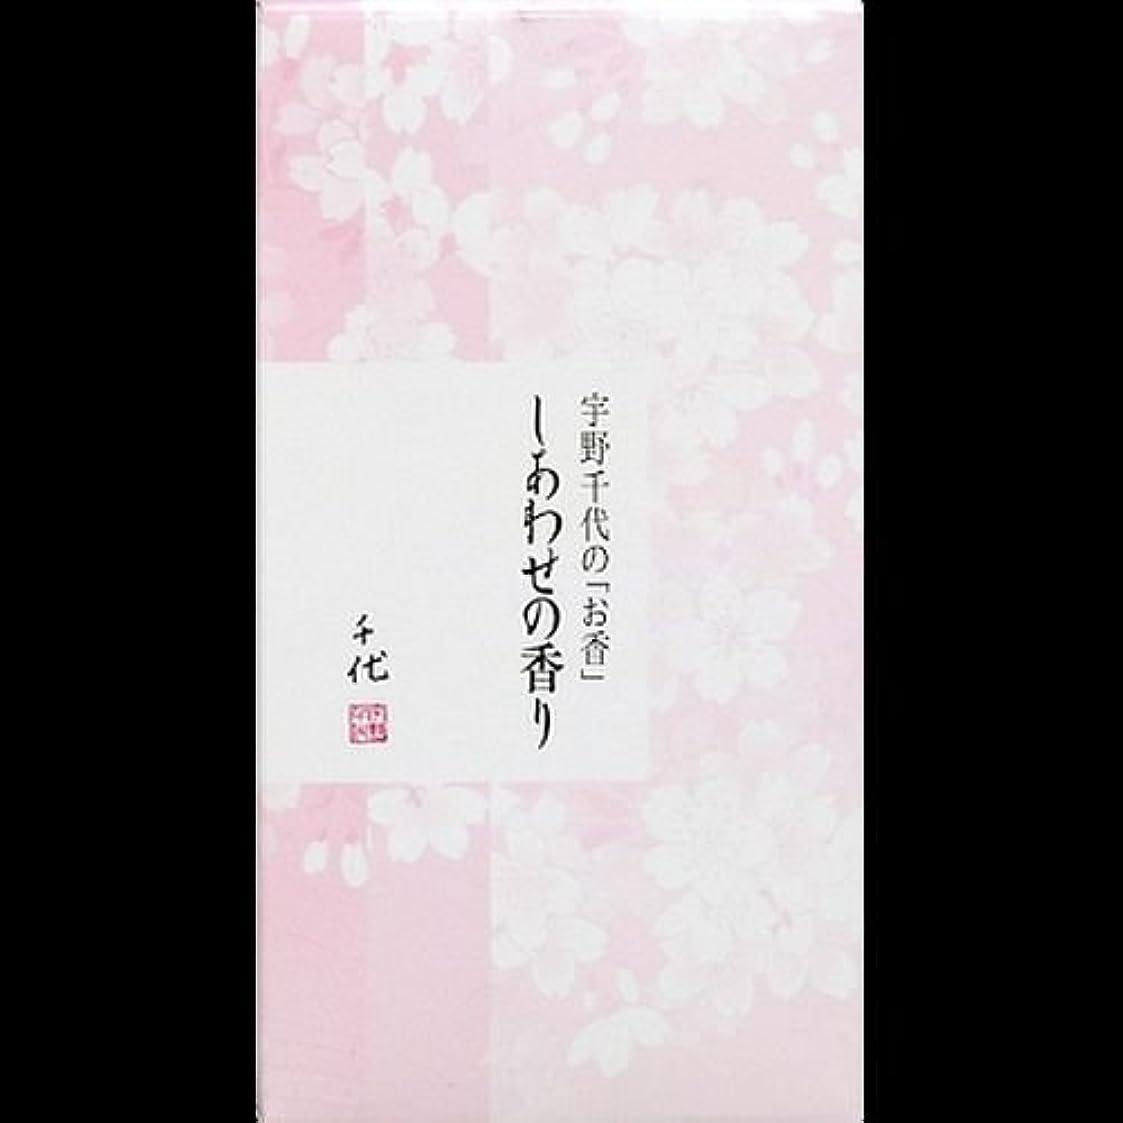 ショルダー眠いです用心【まとめ買い】宇野千代 しあわせの香り コーン20個(香立付) ×2セット